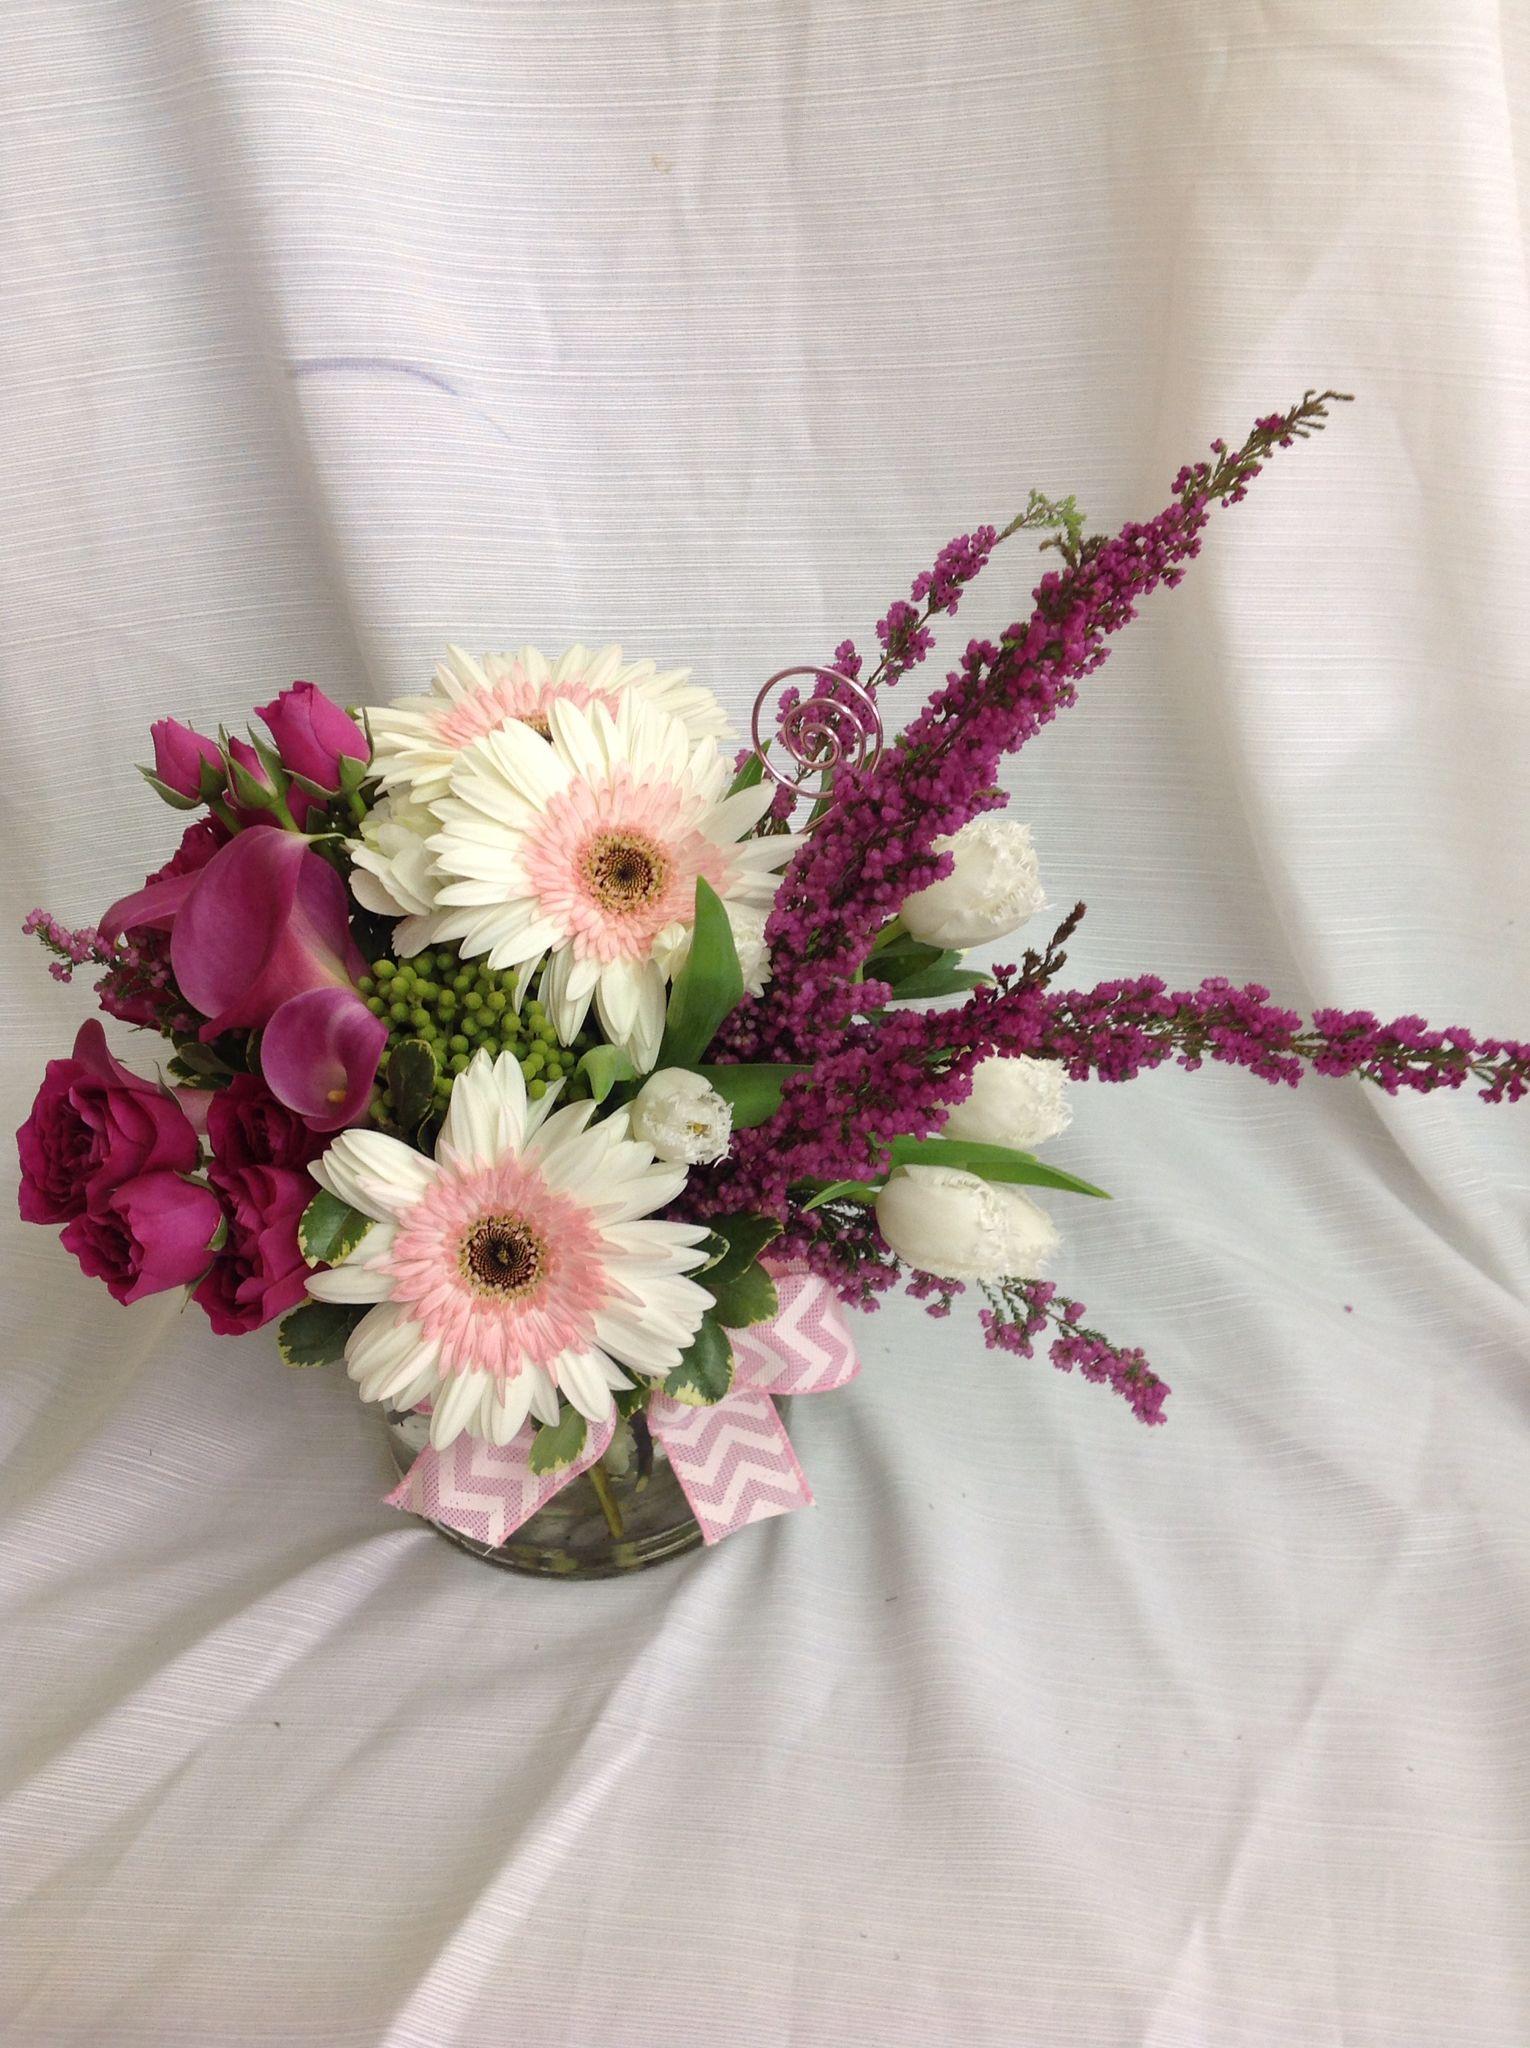 Lovely Flower Arrangement Made With Pinkgerberdaisies